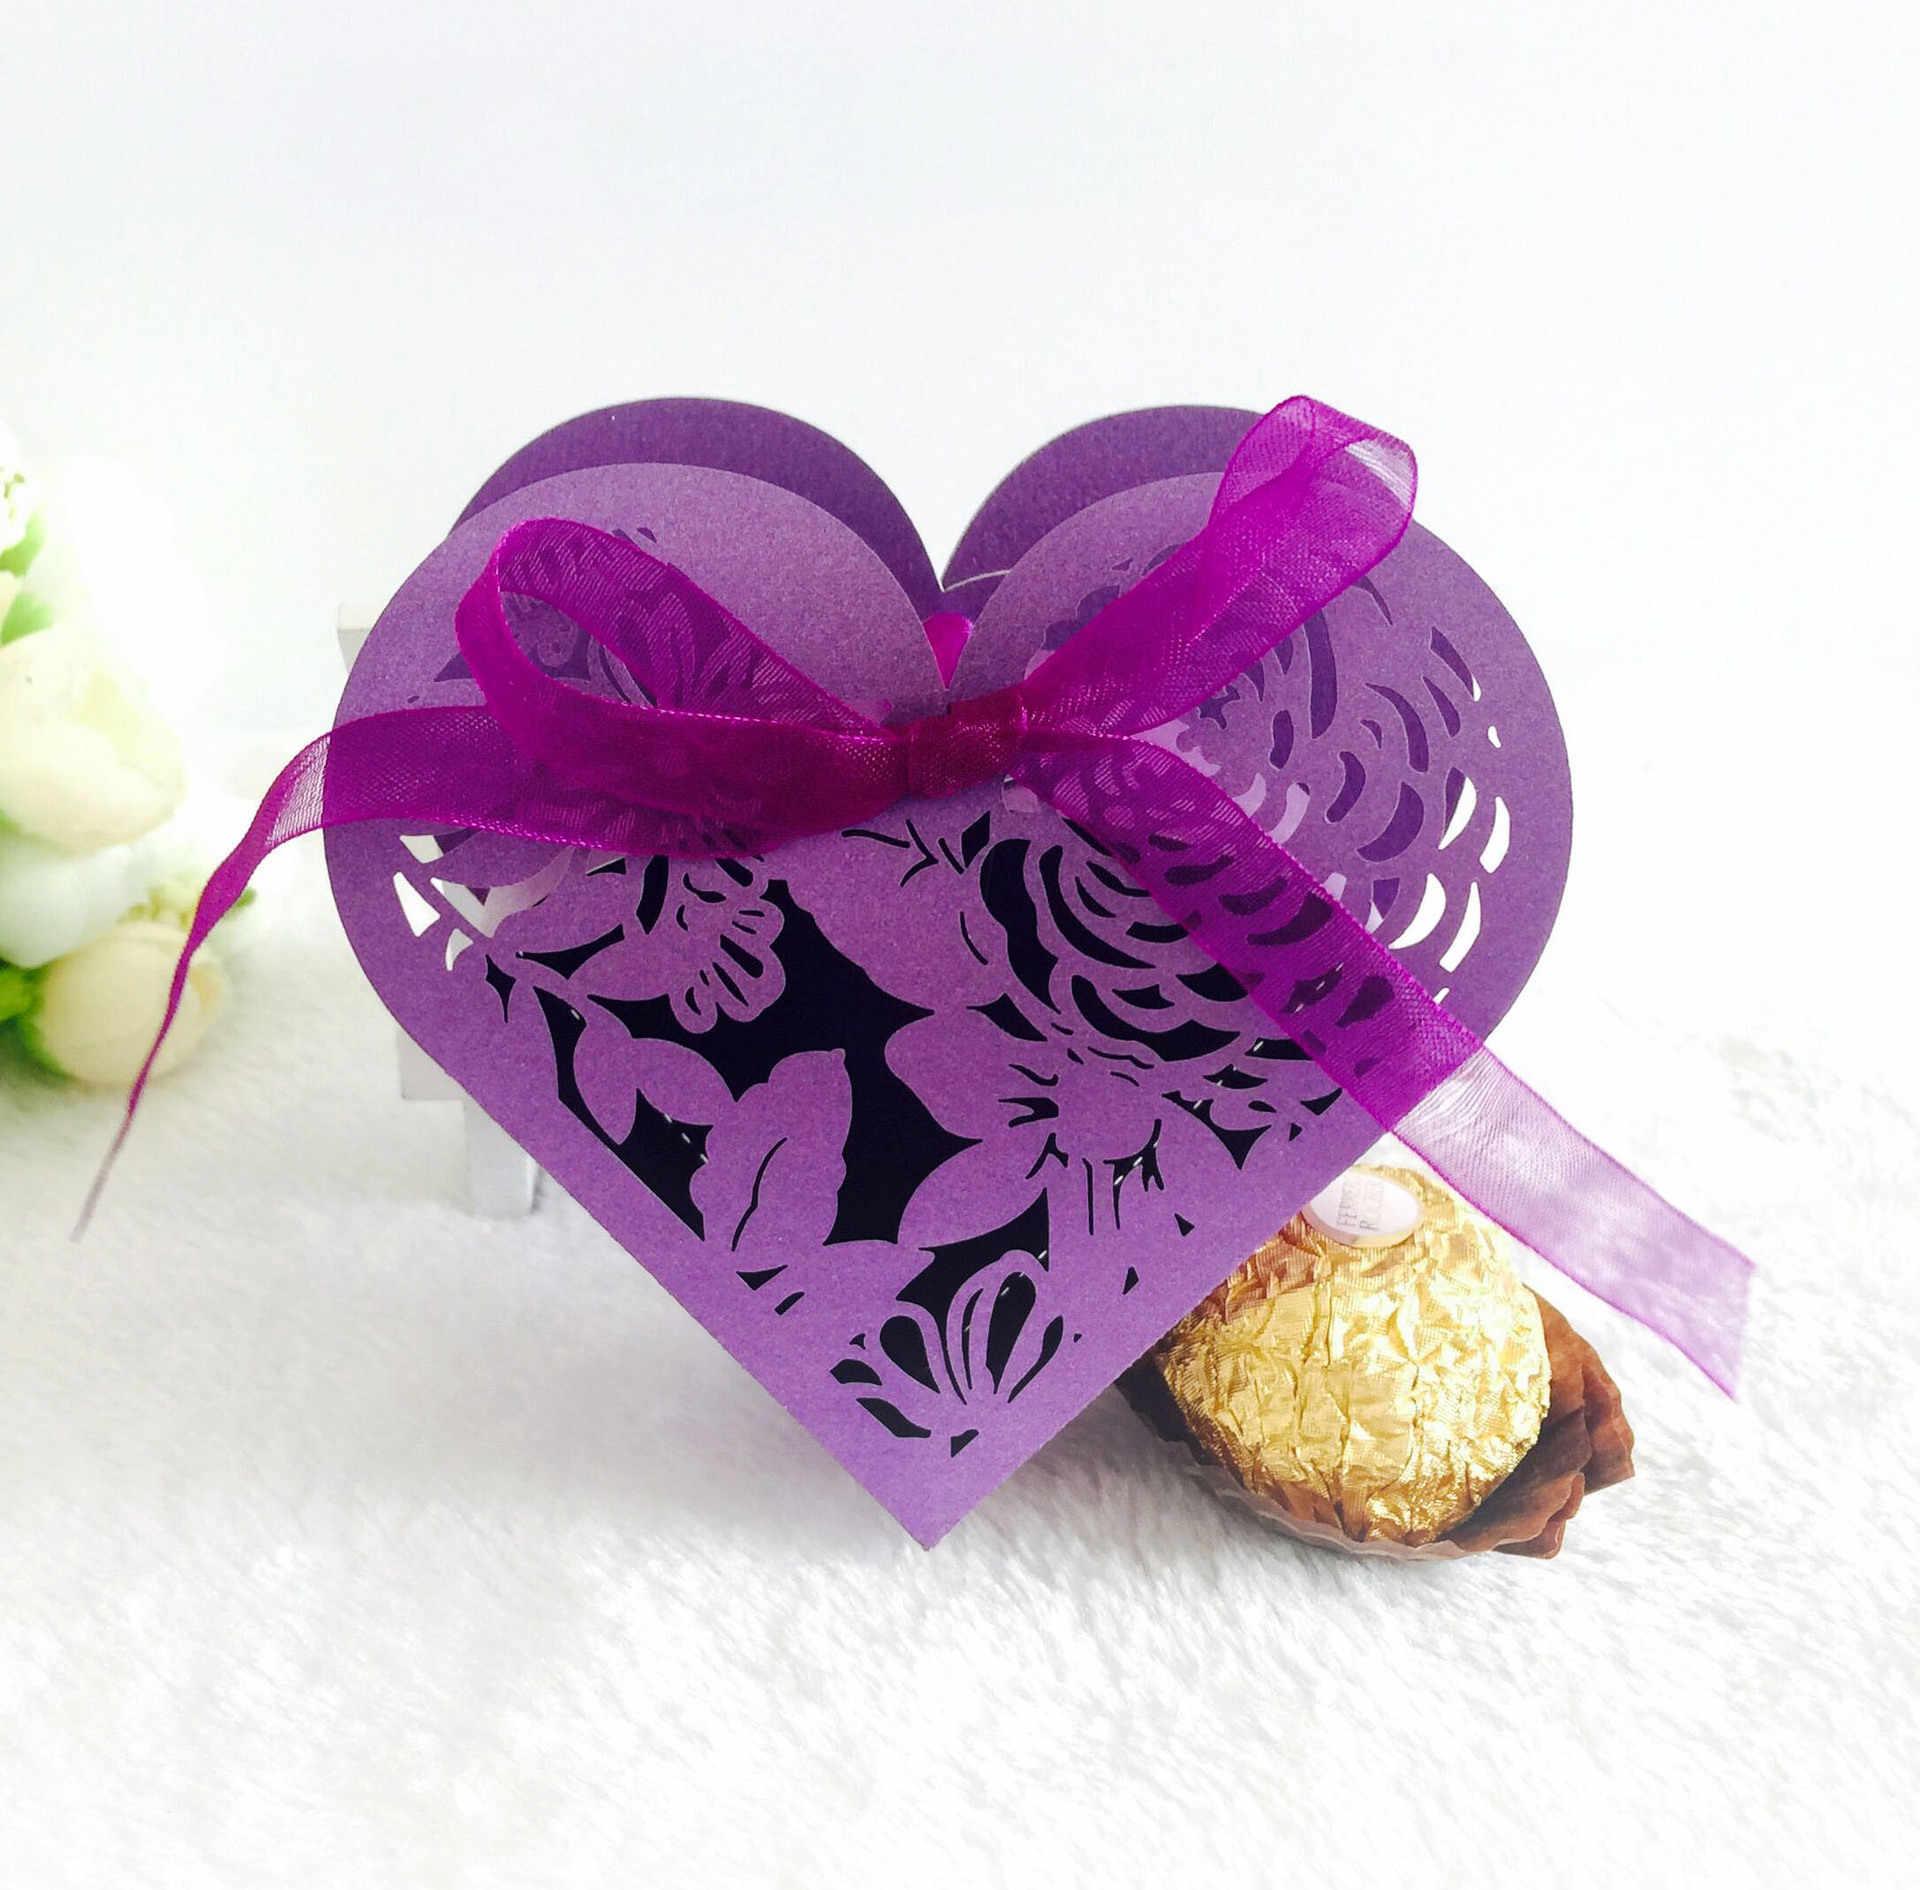 ギフトボックス好意ボックスキャンディボックス結婚式の好意のギフトキャンディボックス中空蝶ギフトボックスパーティー明確なカップケーキの好意ボックス